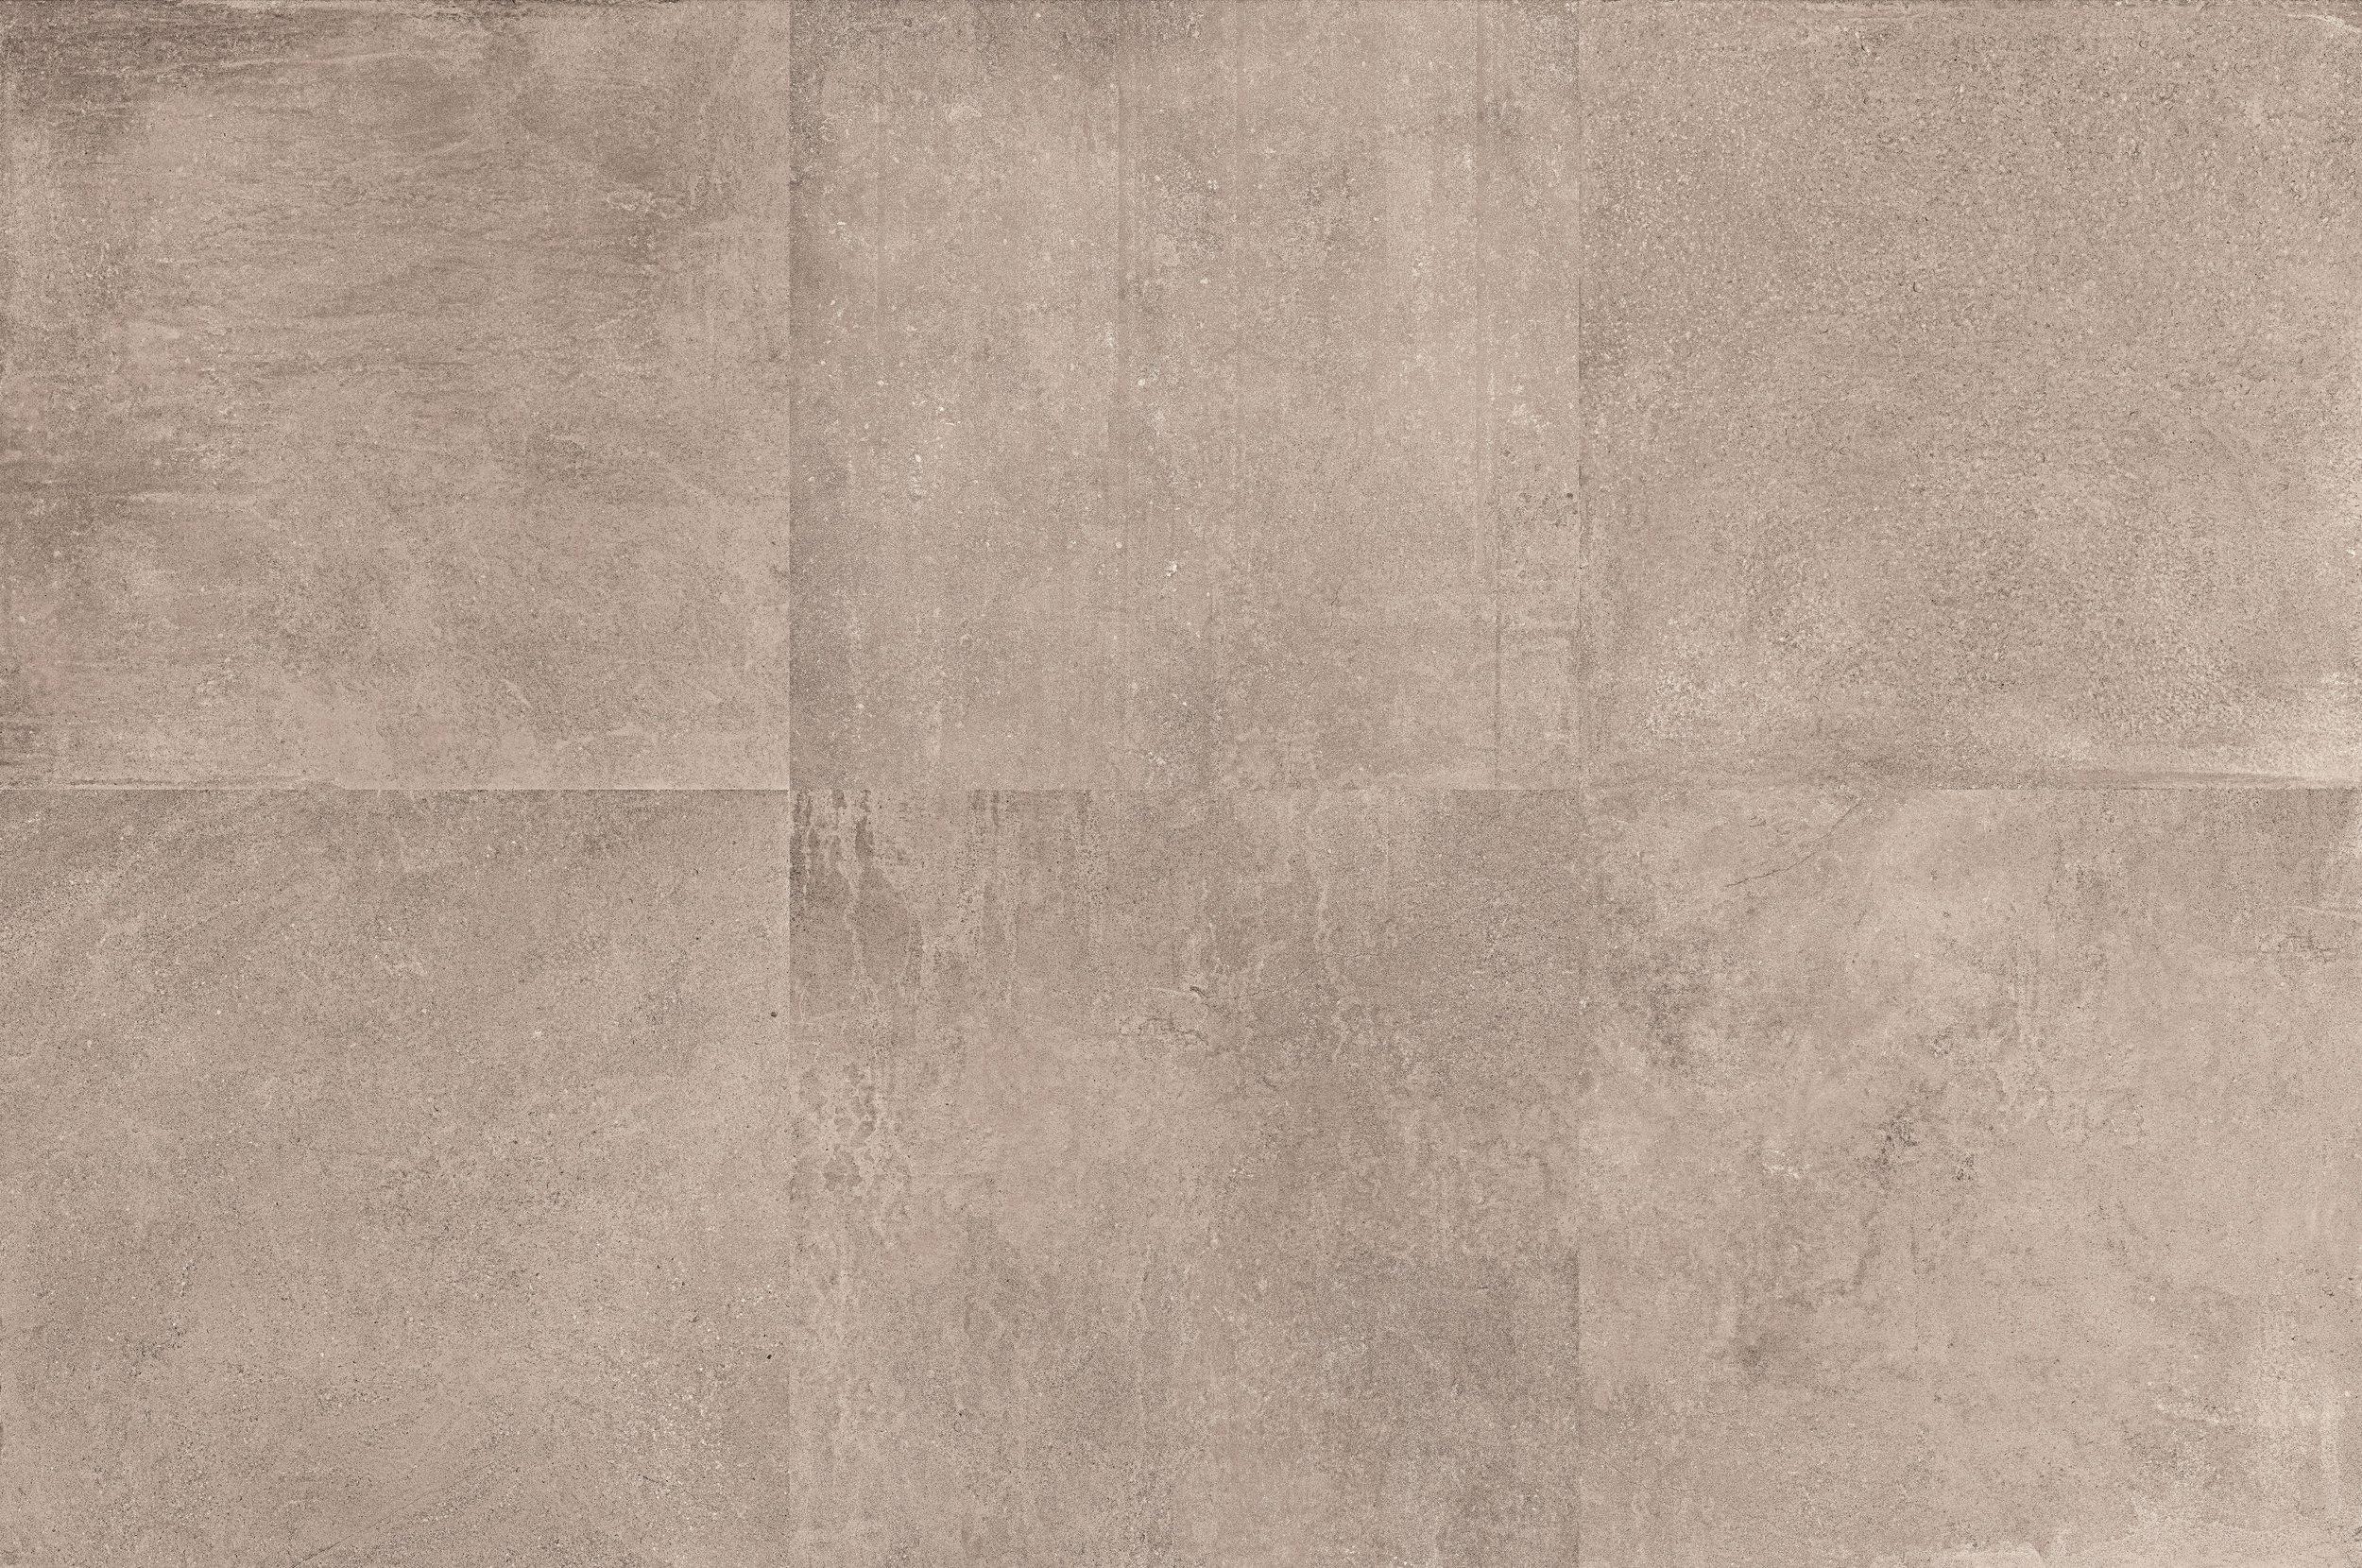 Cinnamon 120x120.jpg